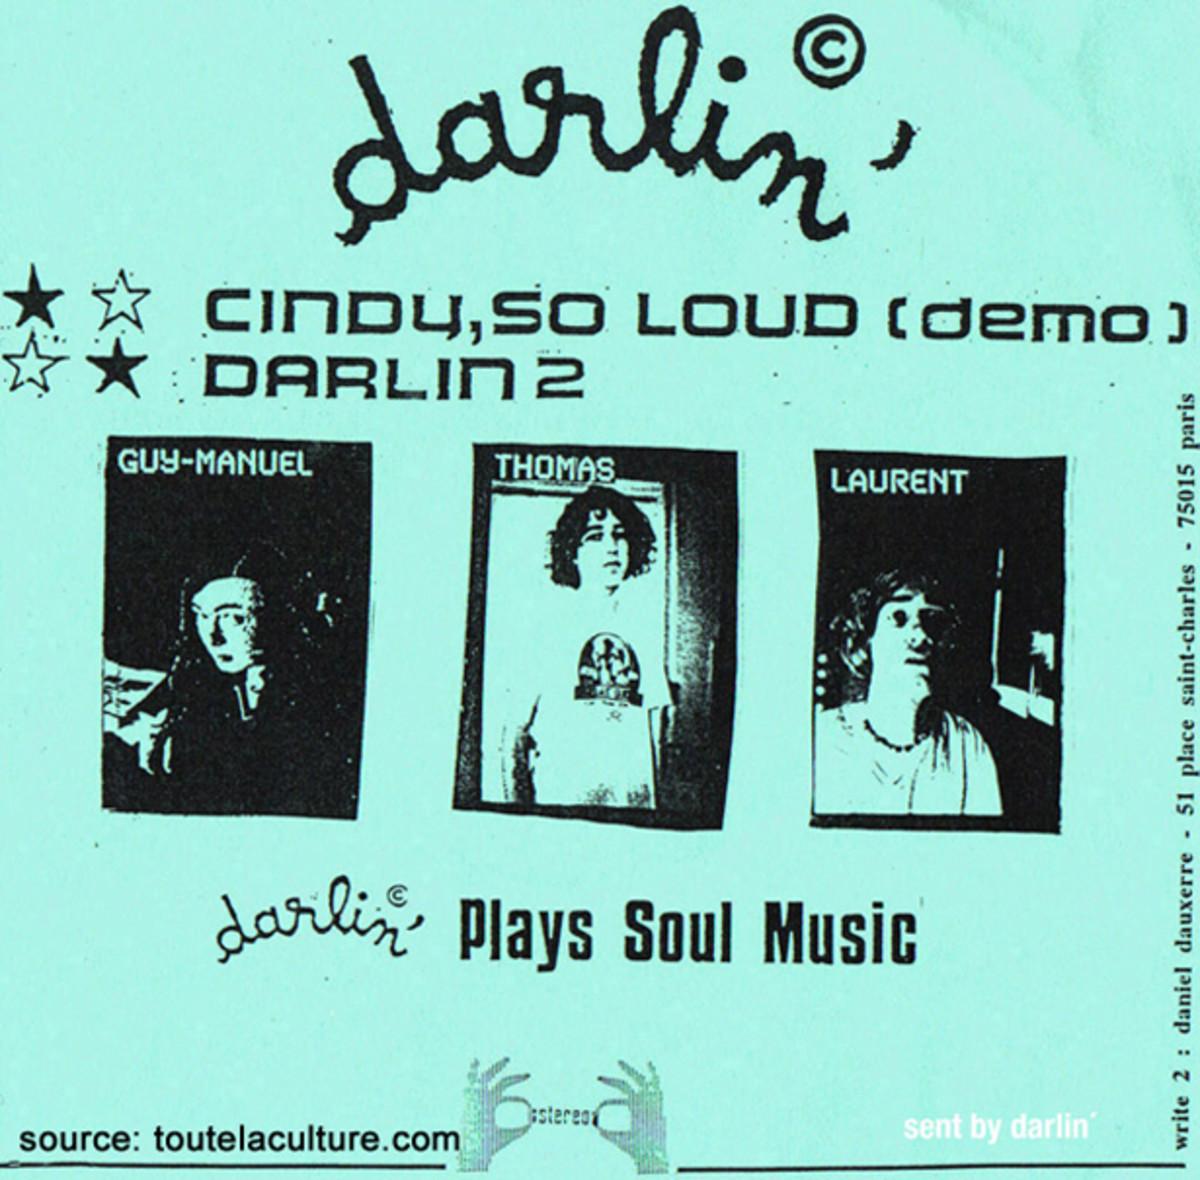 Listen To Daft Punk's Demos When They Were Darlin'